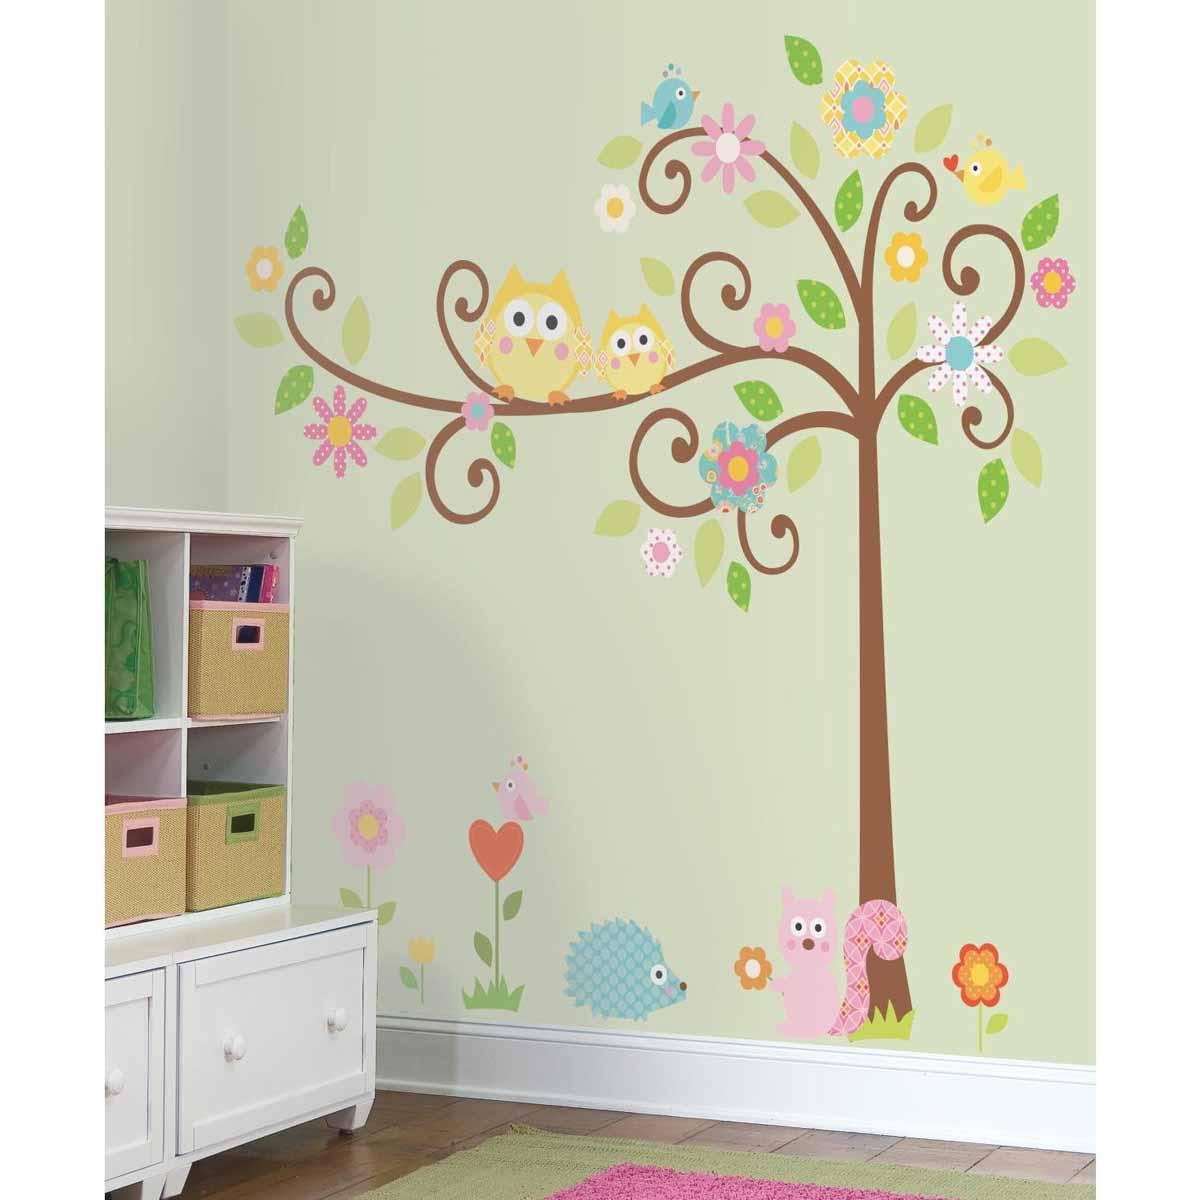 RoomMates Наклейка интерьерная Дерево с завитками 80 шт -  Детская комната